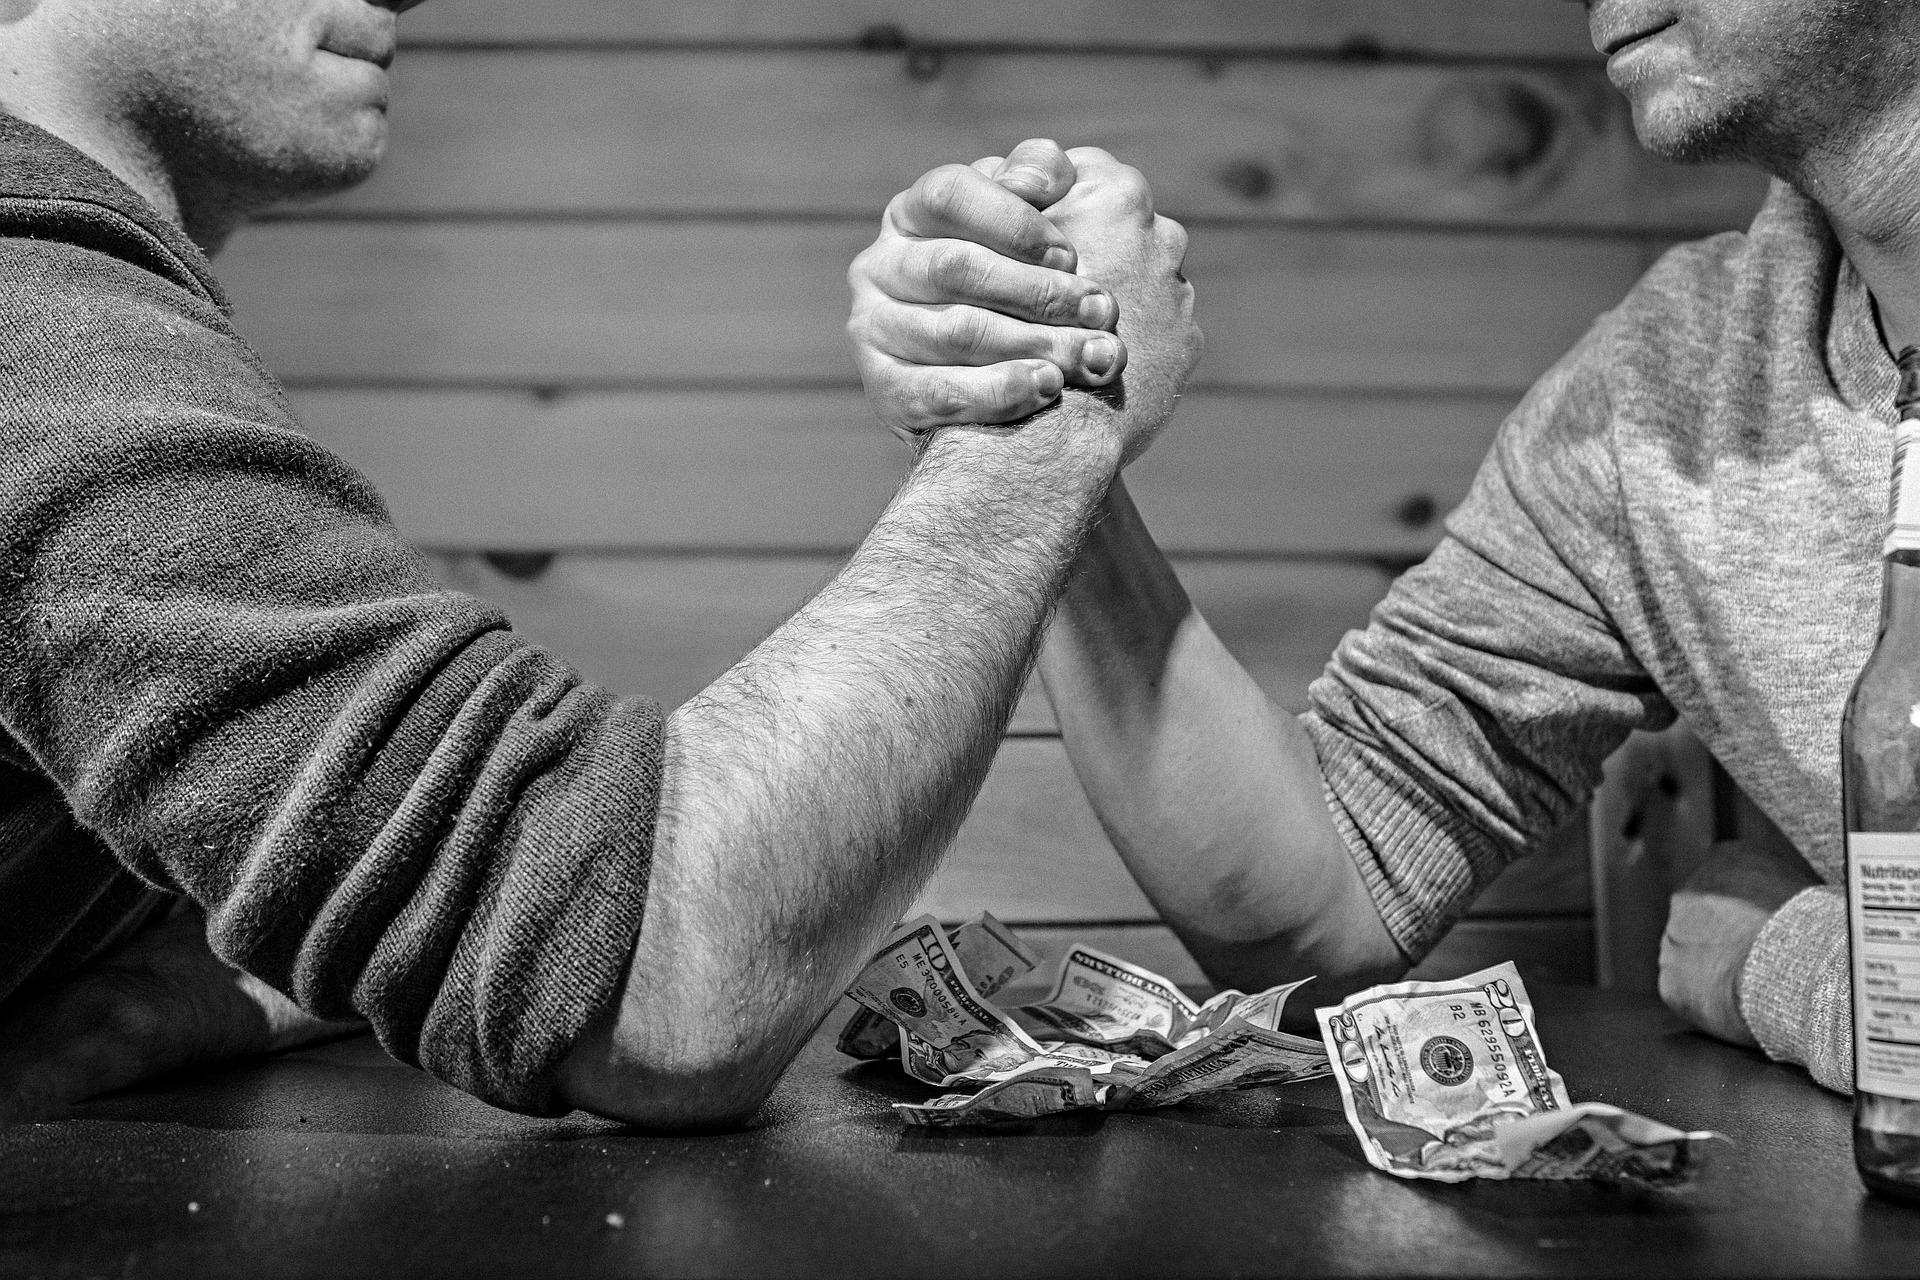 消費者金融やキャッシングで借金を重ねてしまう心理的状況について